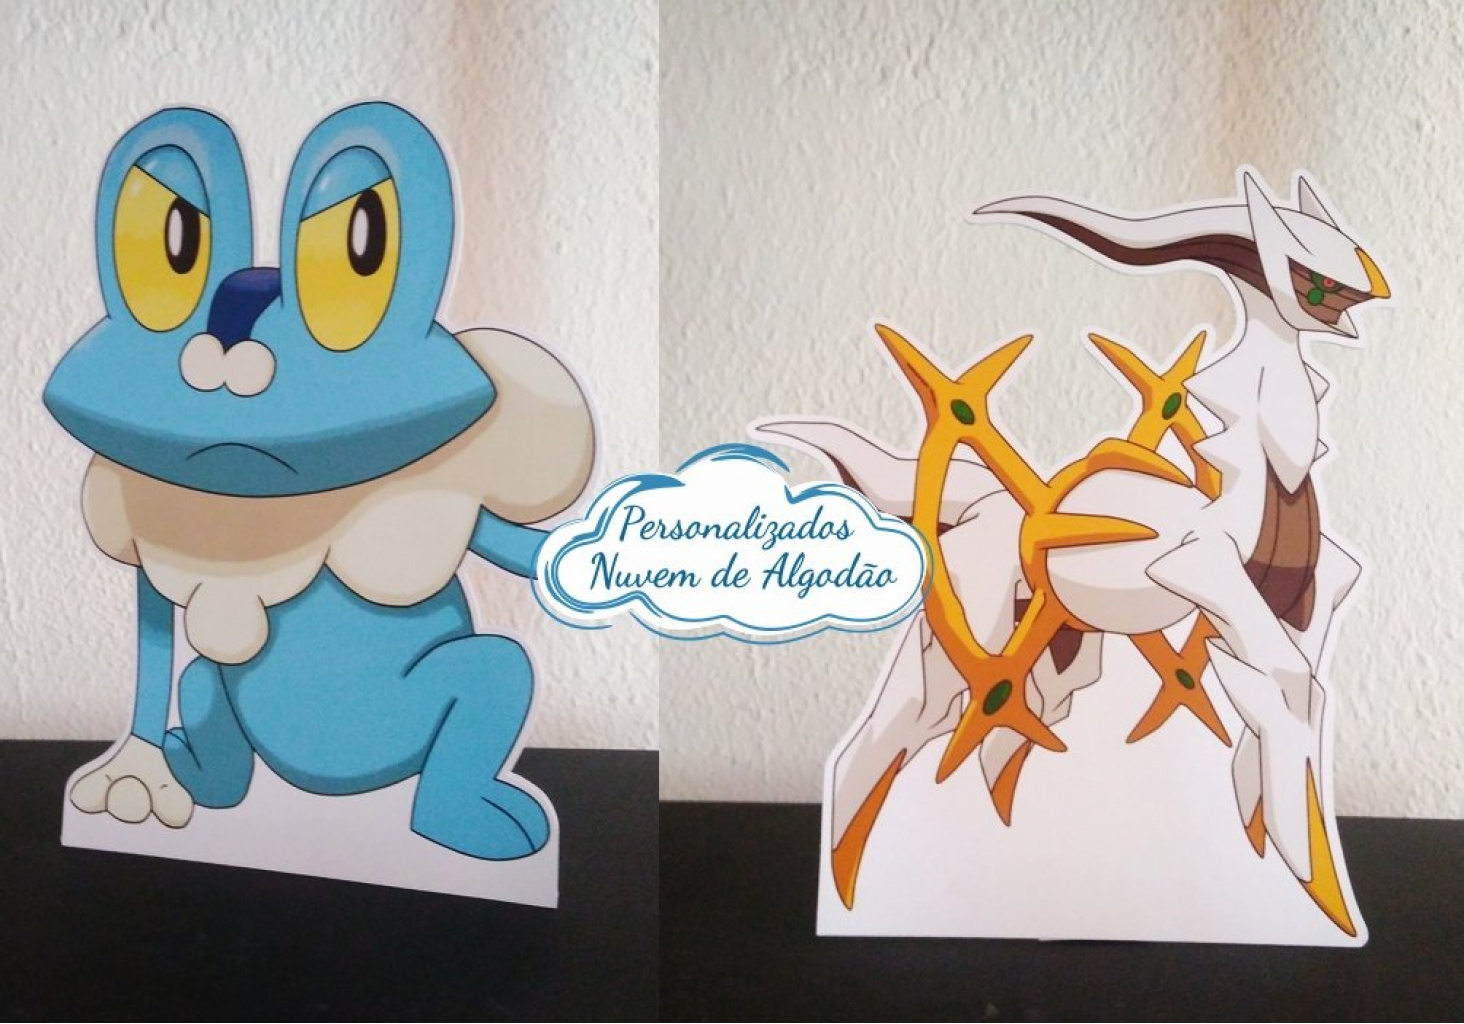 Nuvem de algodão personalizados - Display de mesa Pokemon 27cm